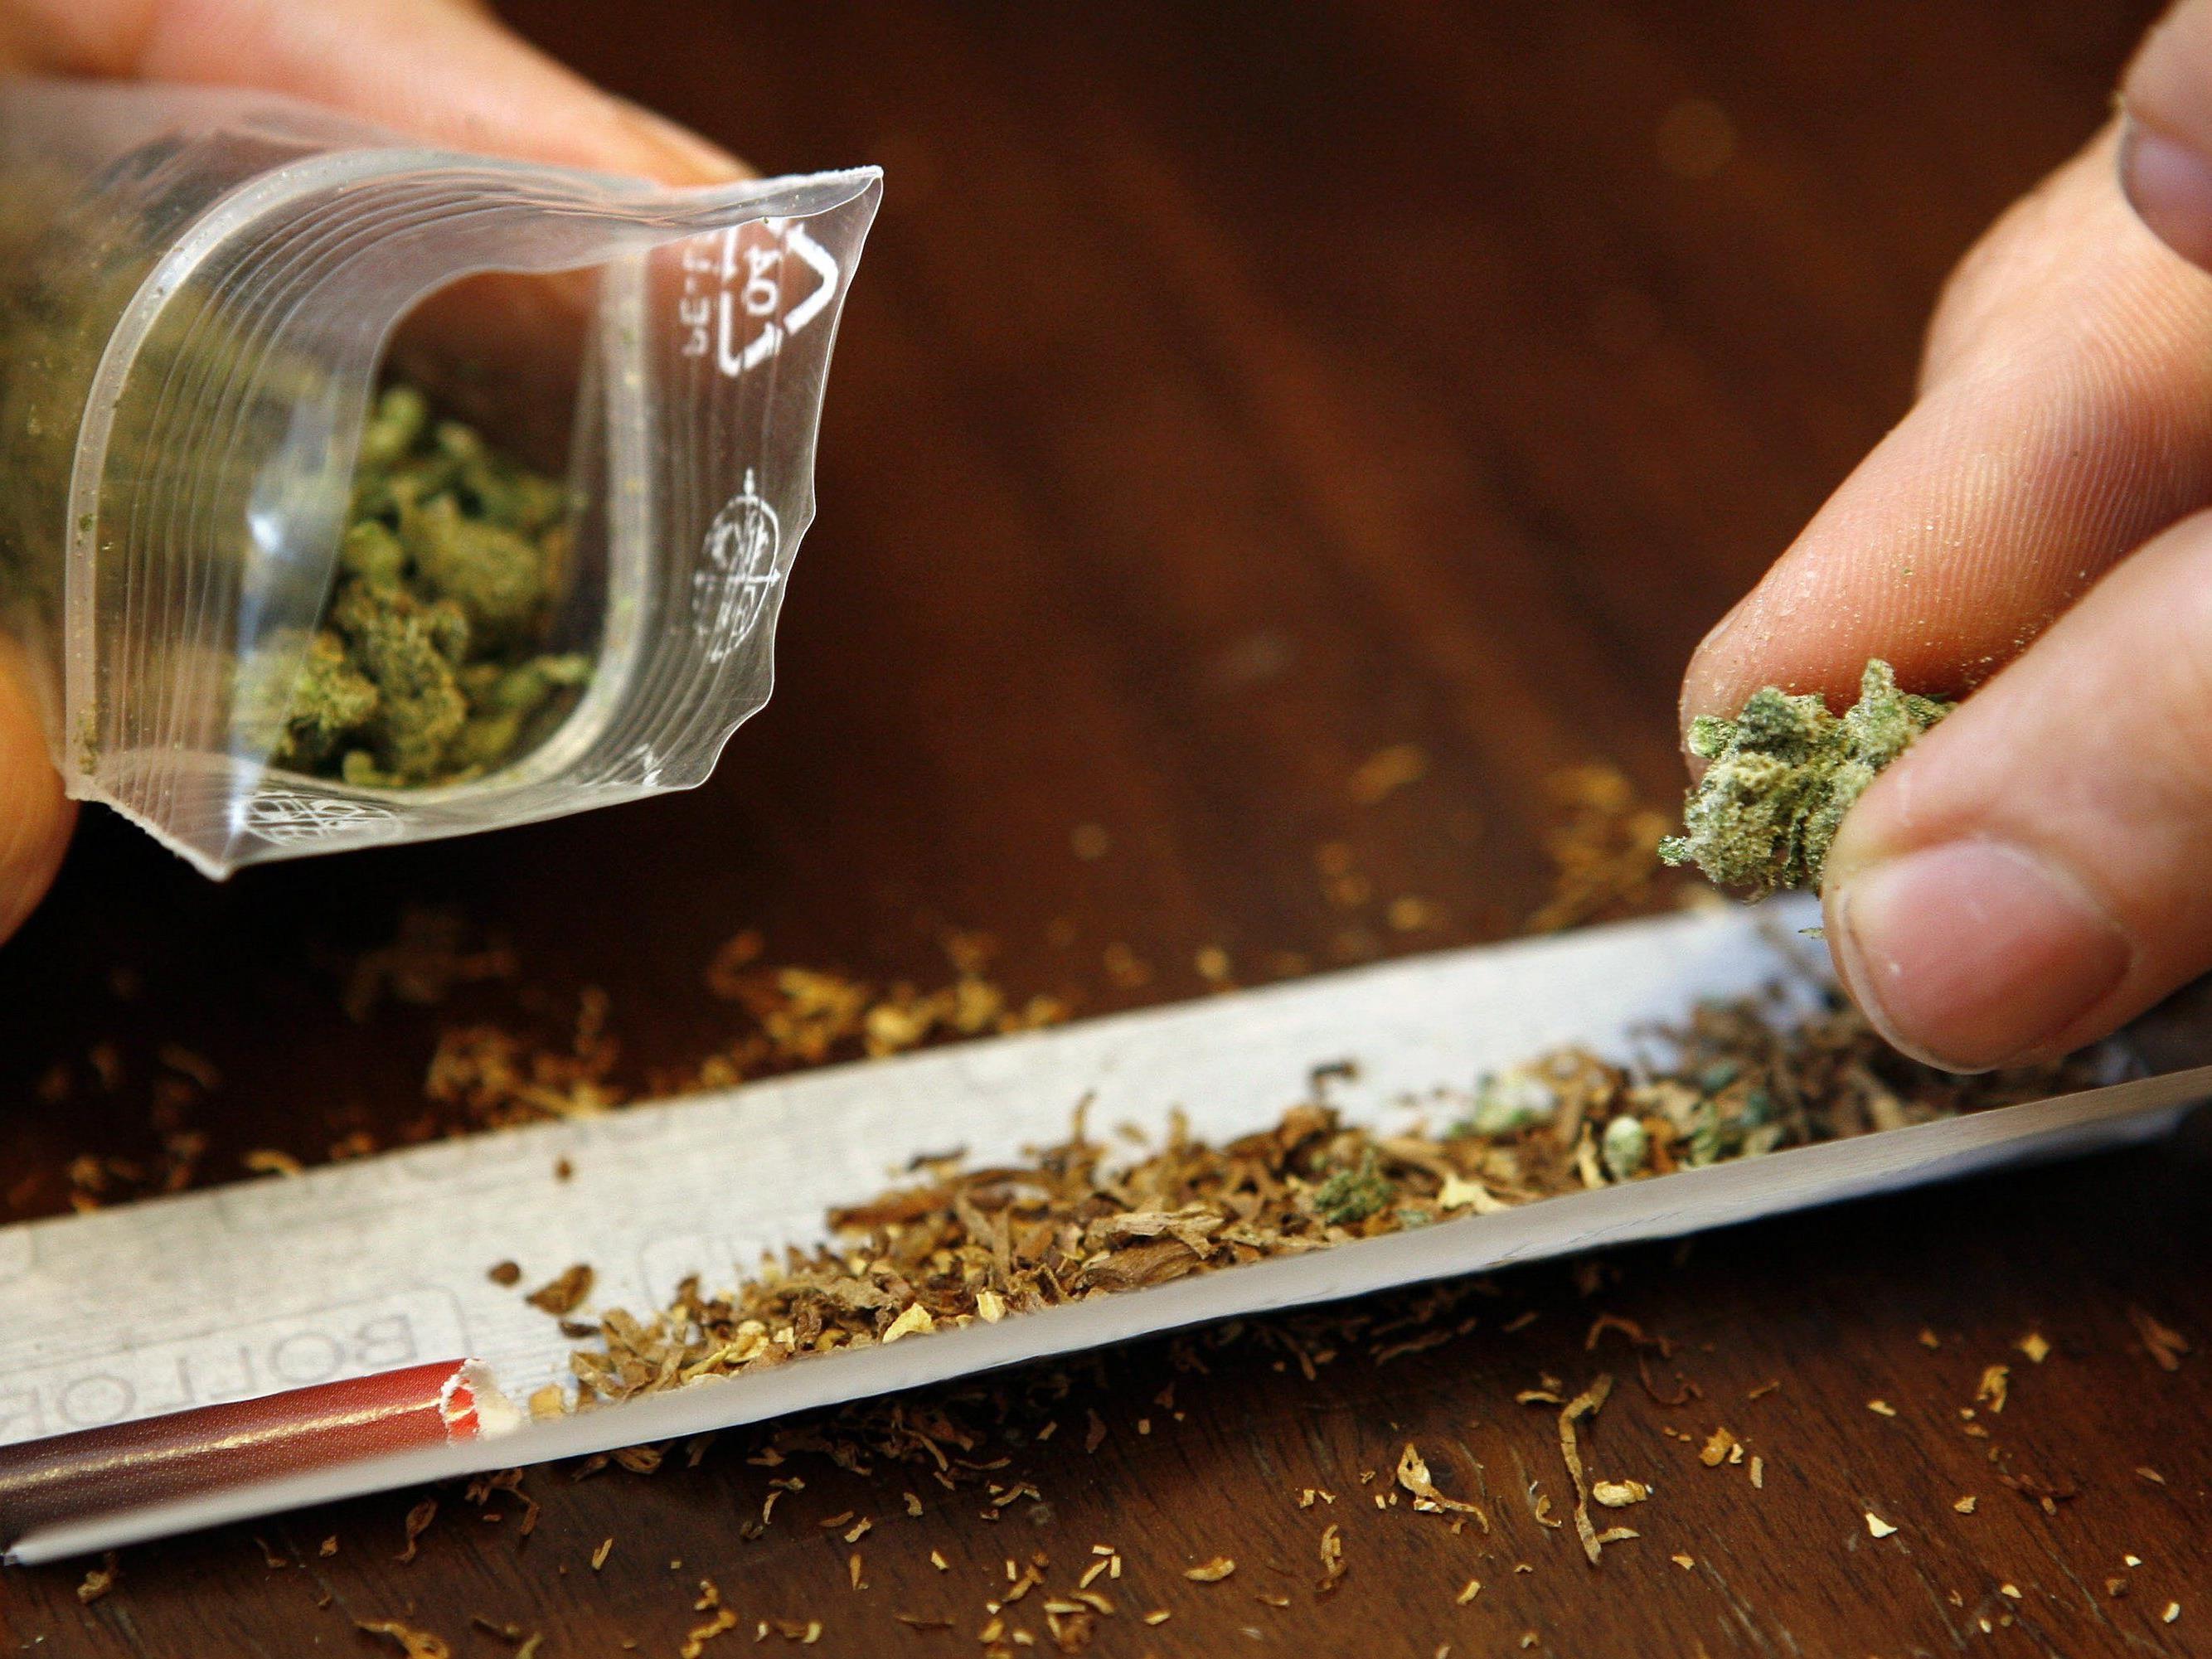 In einem Zug wurden eineinhalb Kilogramm Marihuana gefunden.